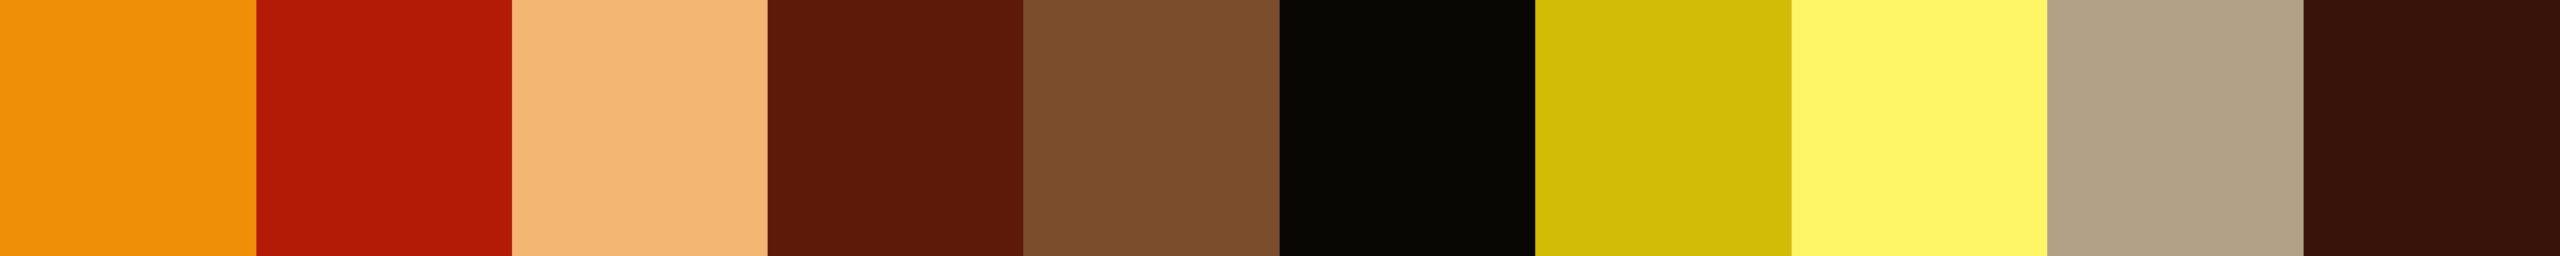 213 Owecovia Color Palette